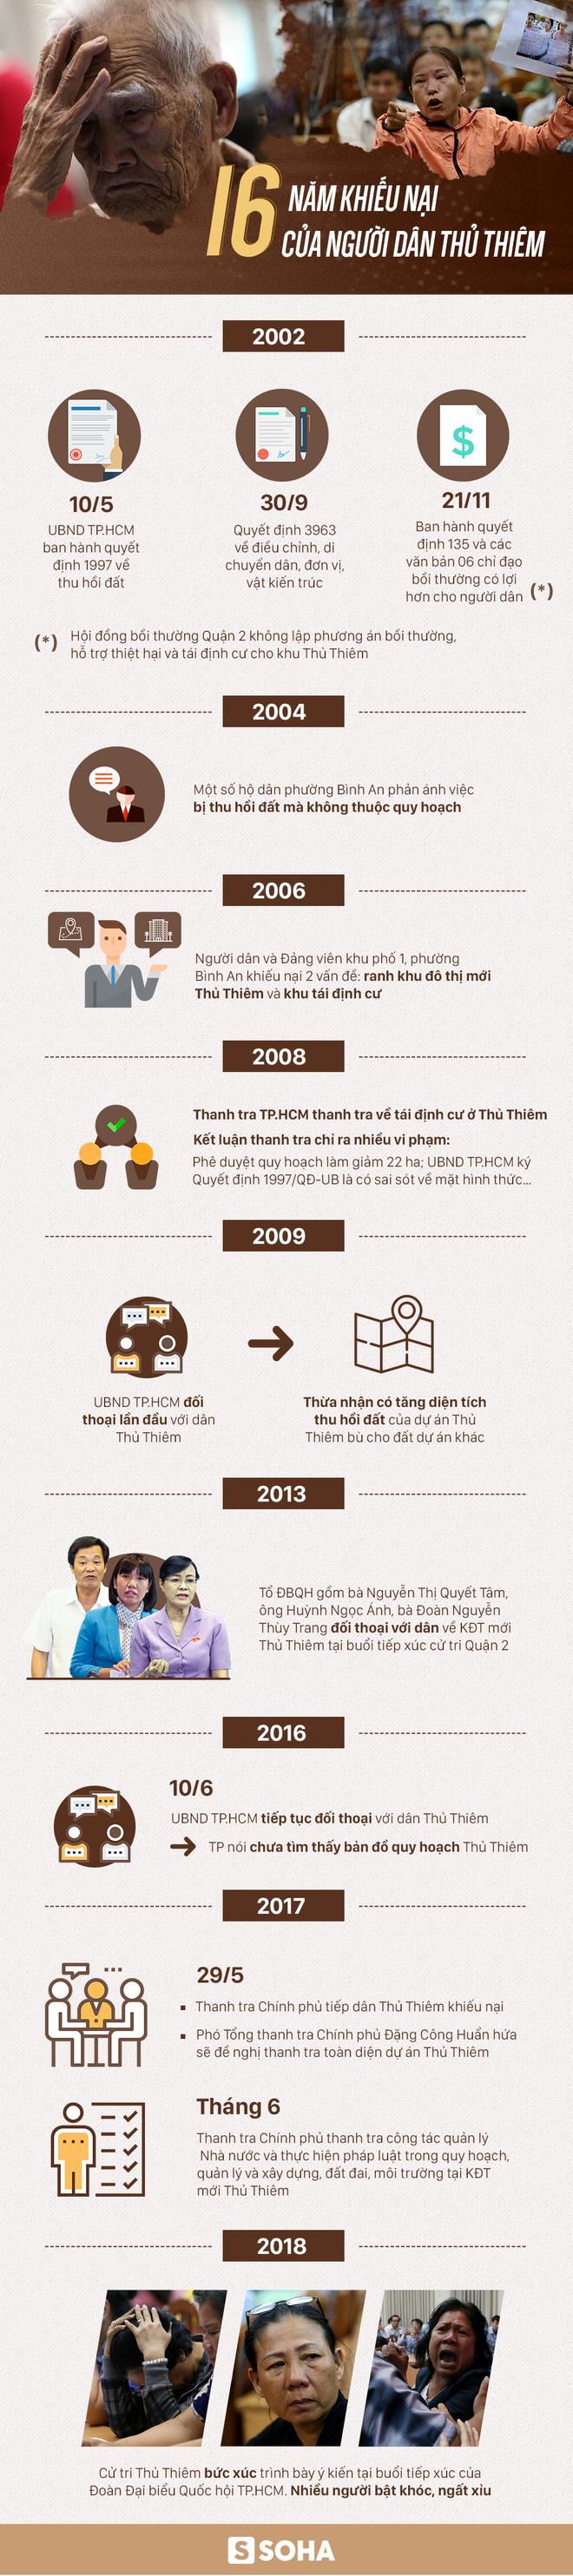 Cử tri trả lại bằng khen của UBND TP.HCM ngay tại buổi đối thoại với Bí thư Nguyễn Thiện Nhân - Ảnh 2.